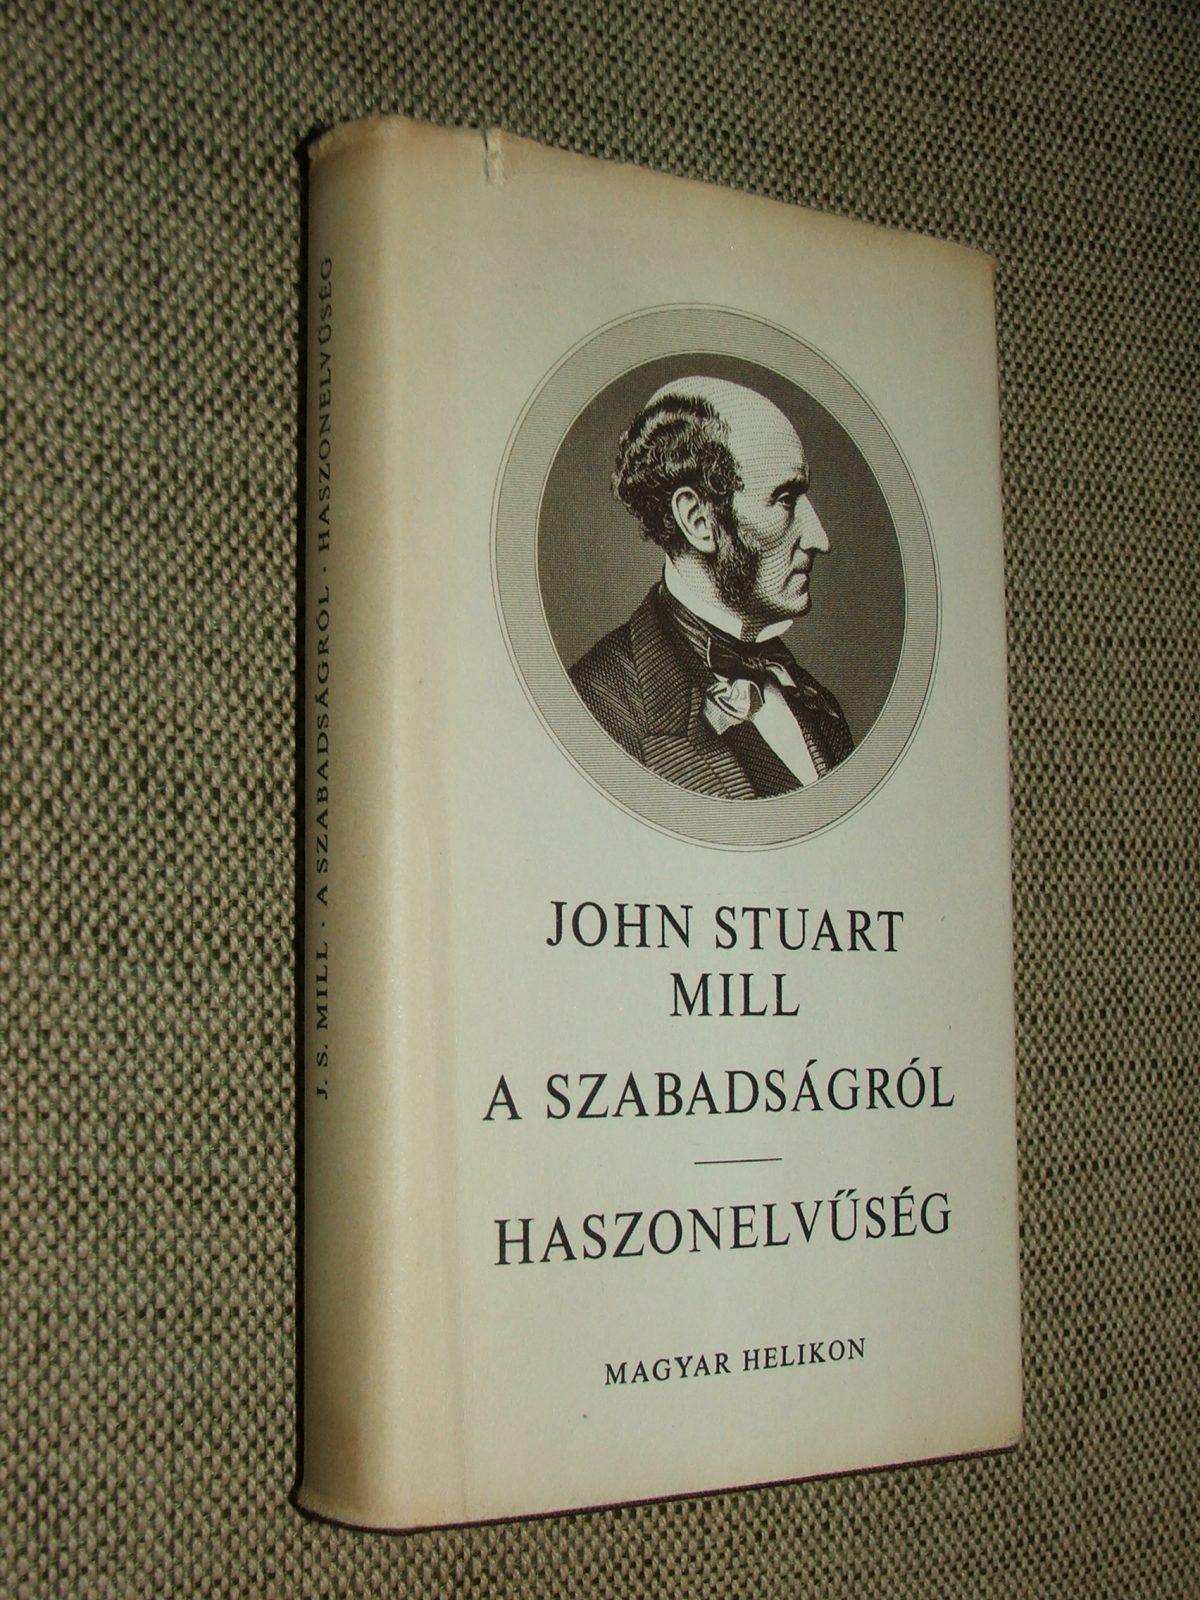 MILL, John Stuart: A szabadságról- Haszonelvűség